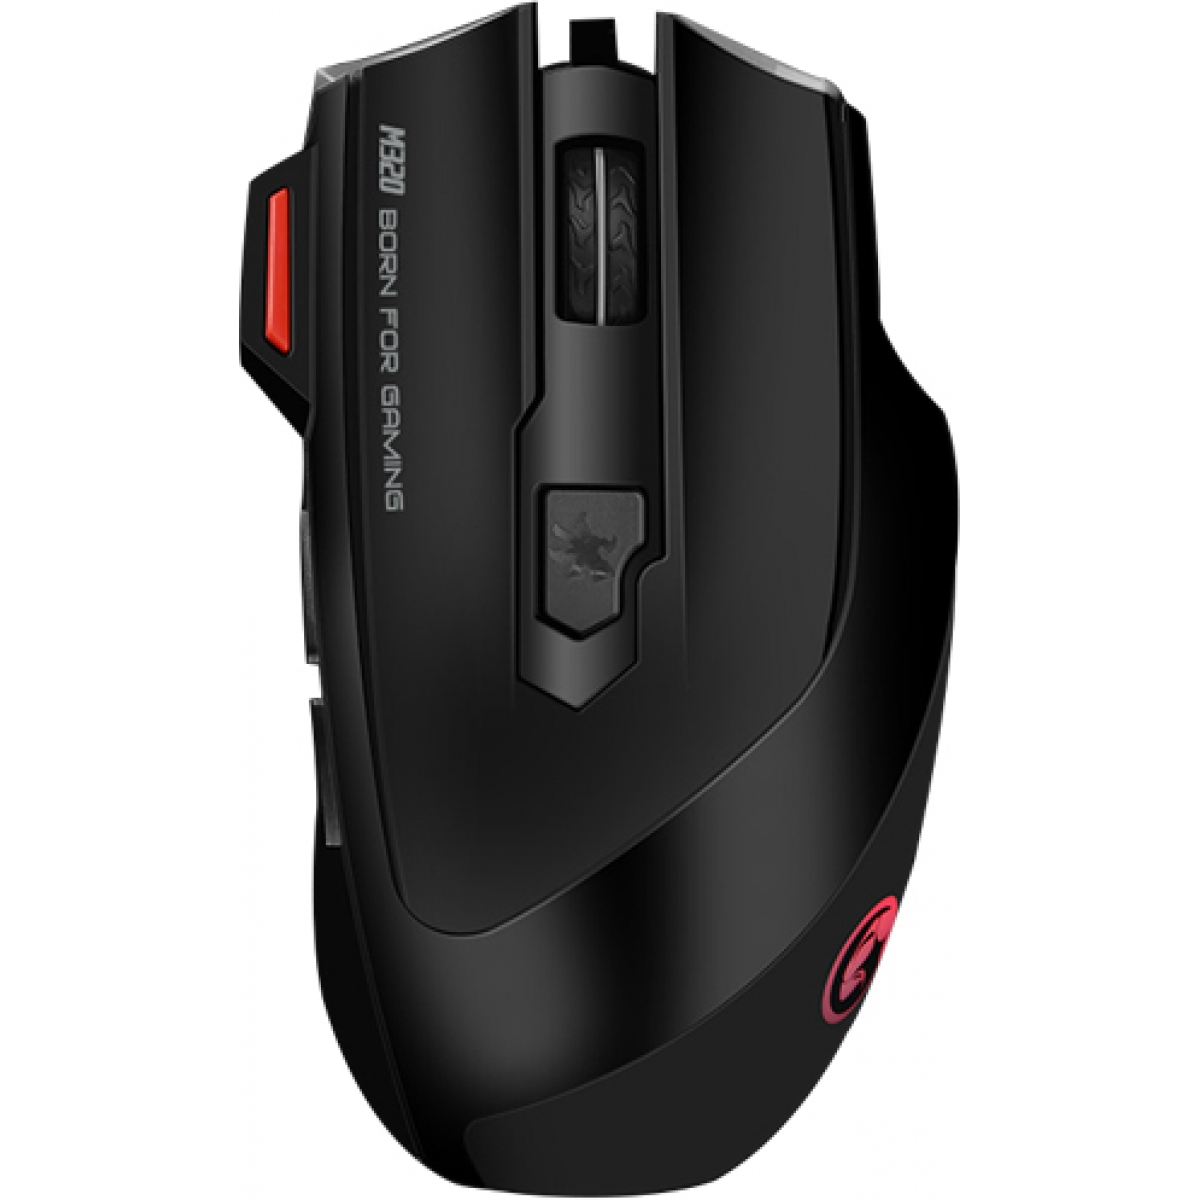 Mouse Marvo Gamer M320 Wired 7 Botões 3200 DPI LED 7 Cores